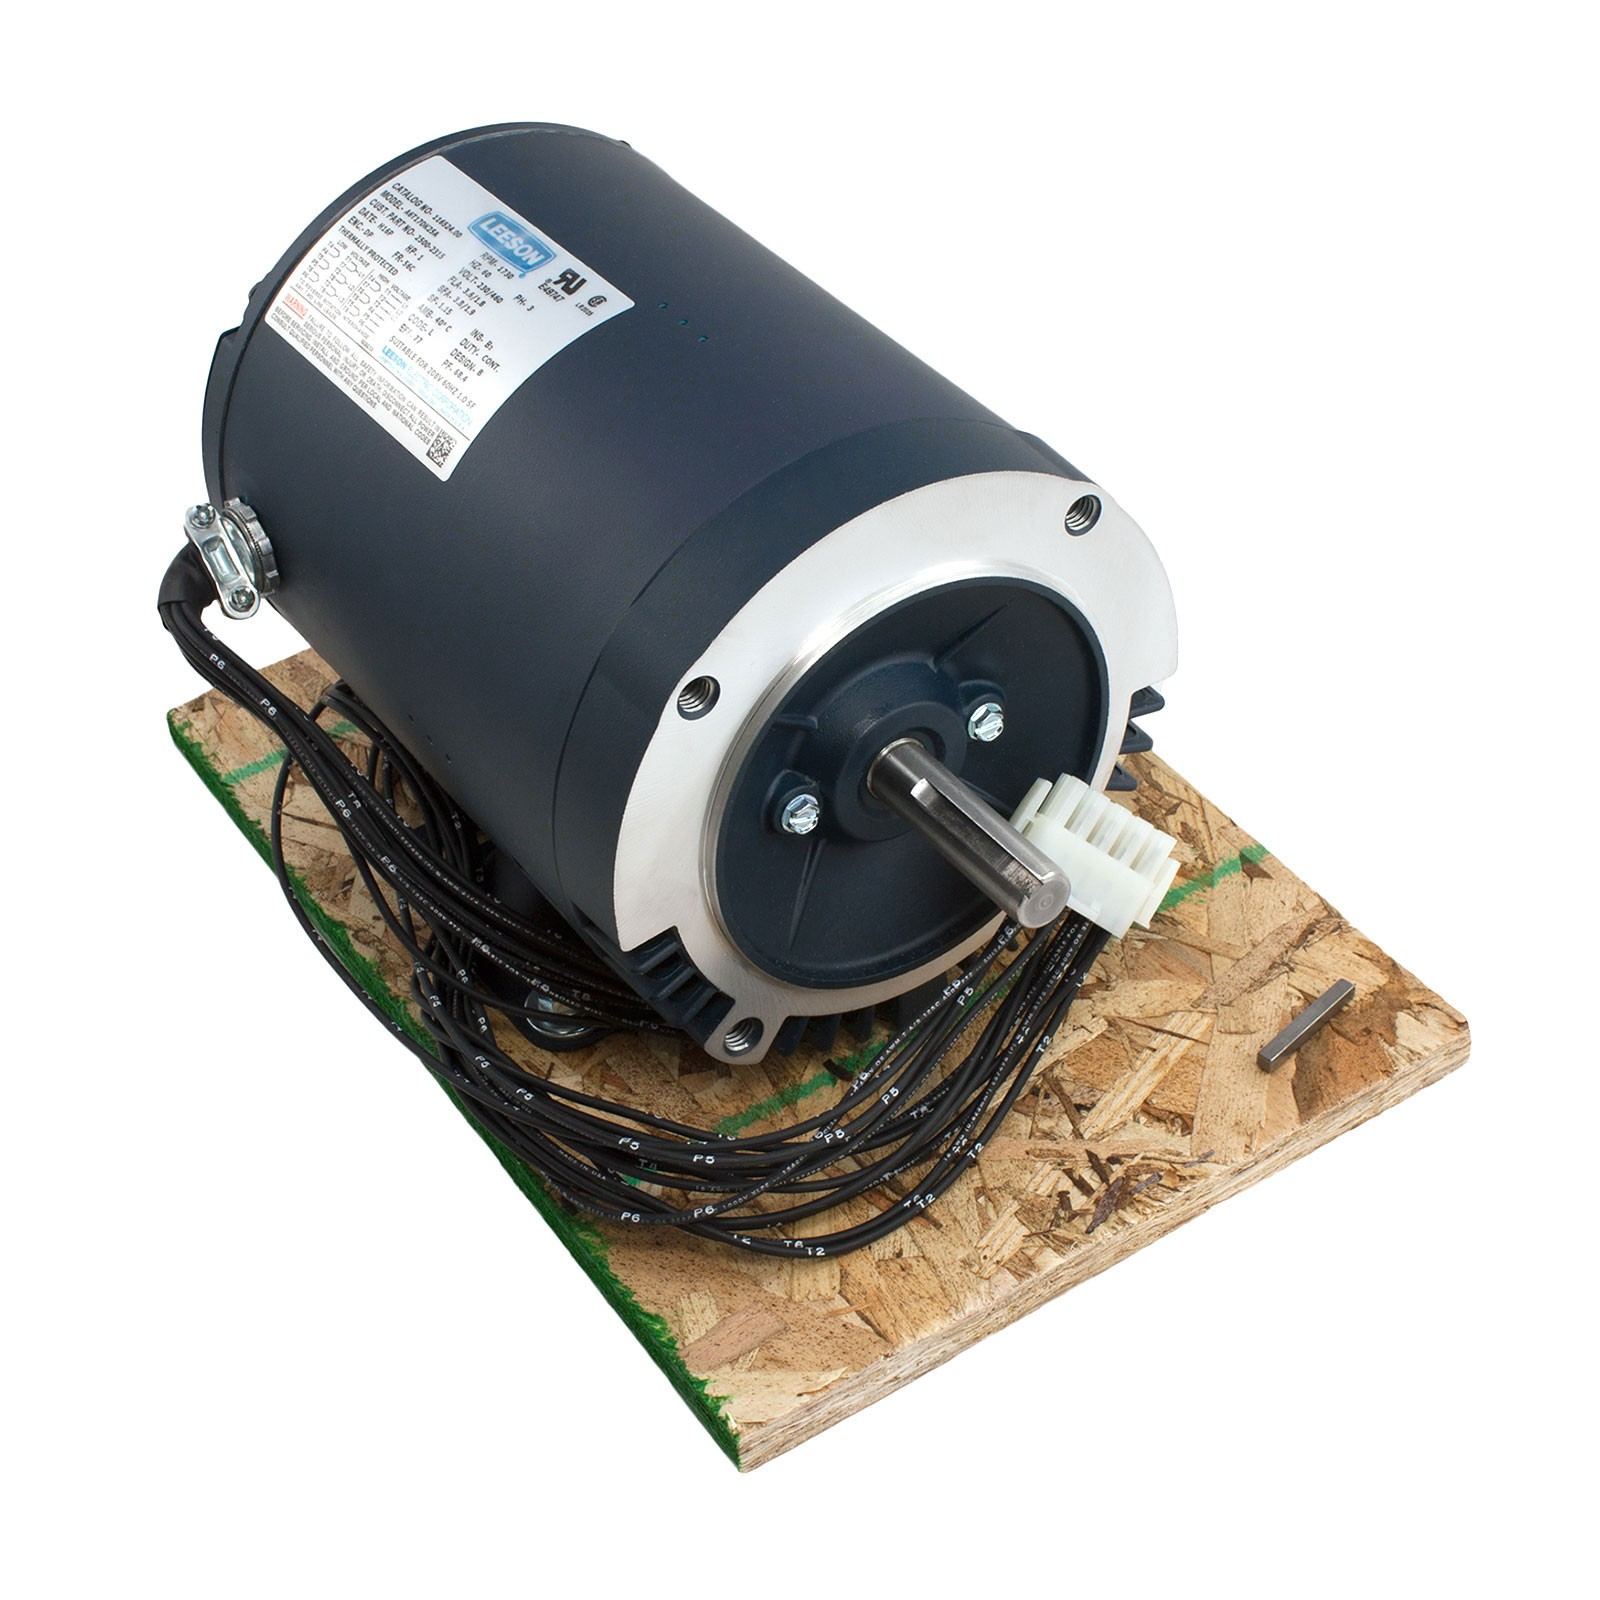 Linear / Osco 2500-2315-UPS Motor (1 HP, 208/230/460V, 3